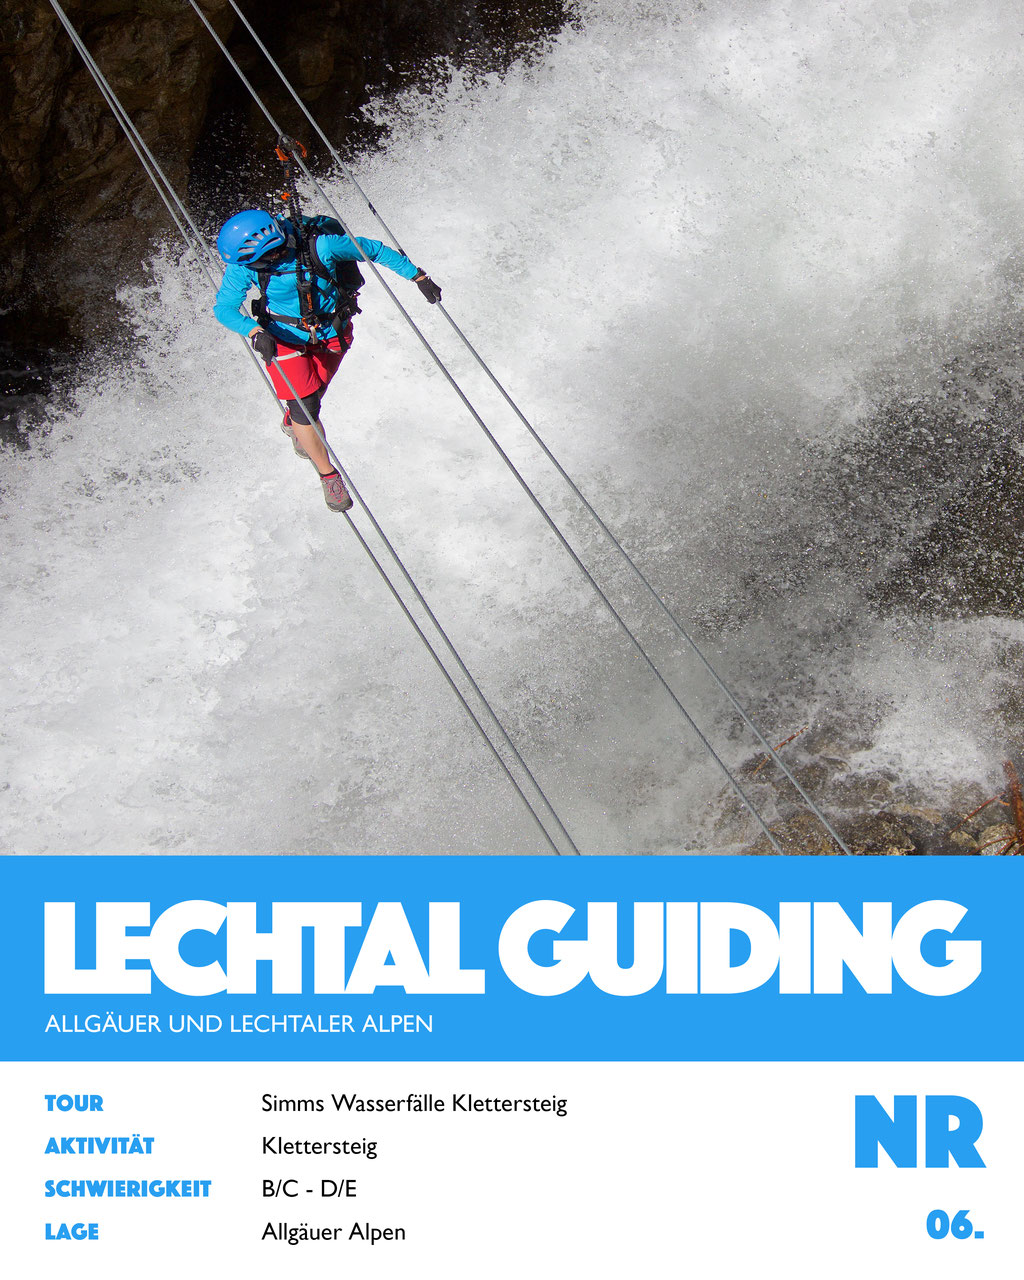 Simms Wasserfälle Klettersteig